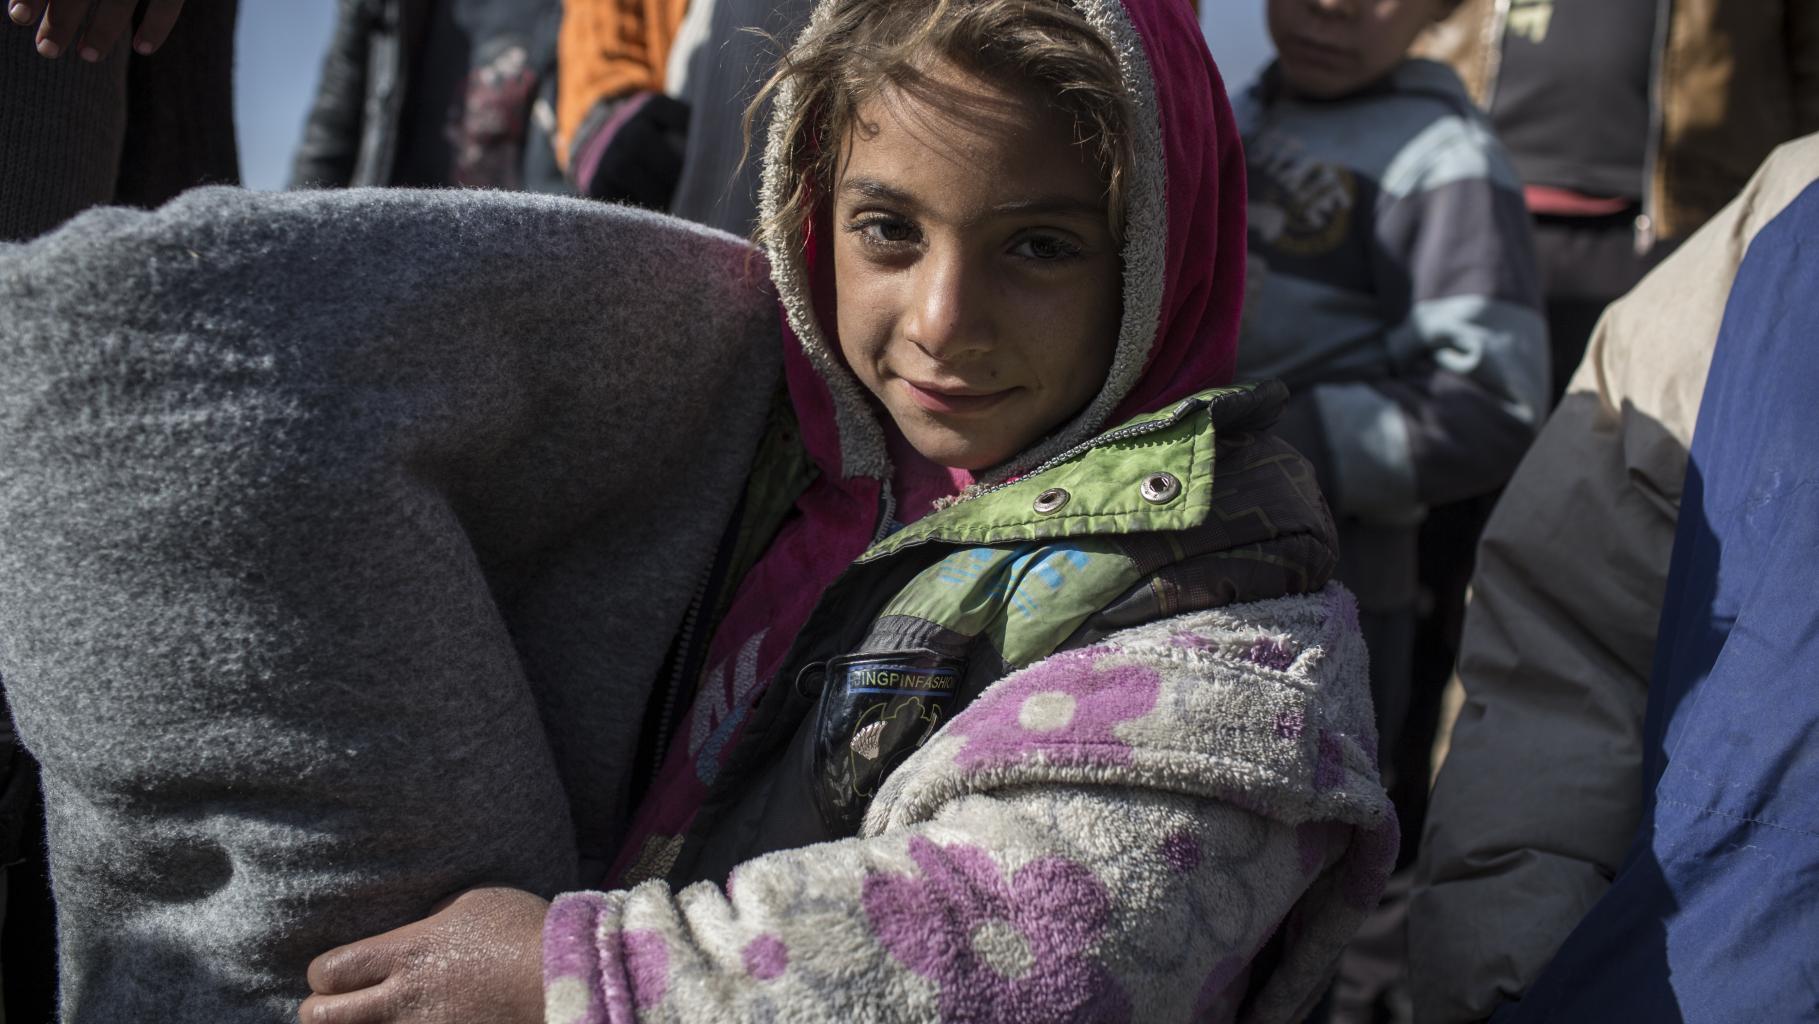 Mädchen hält eine graue gerollte Decke im Arm.